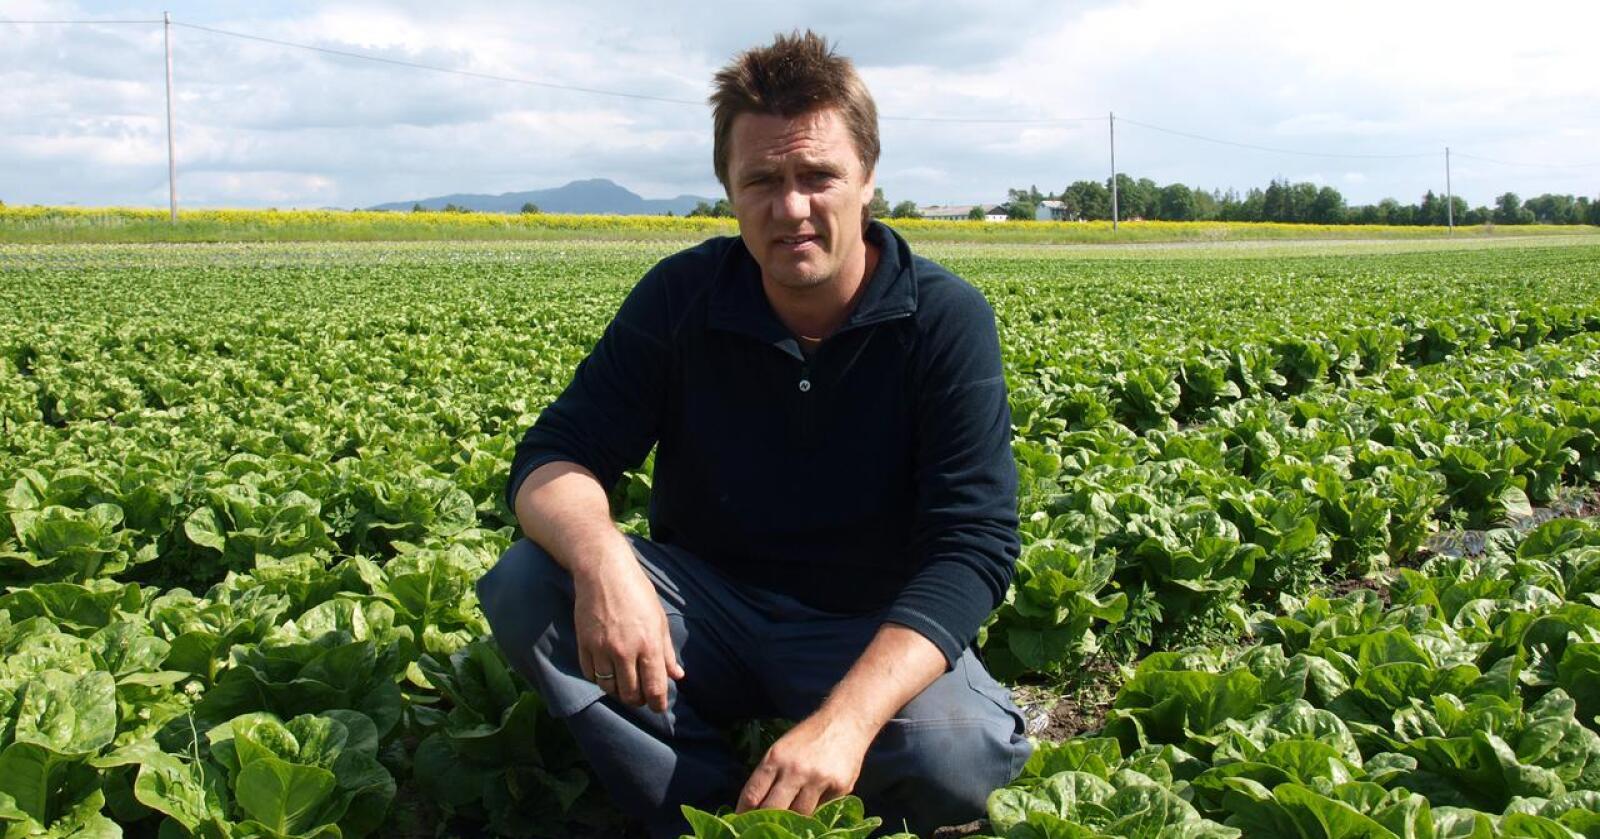 Sliter: Bøndene på Frosta har dårlig tid, høstingen av grønnsaker er alt i gang. – Vi har ikke nok hender, sier grøntprodusent og leder for Grønt fra Frosta, Johan Morten Haugan. (Foto: Morten Andersen)